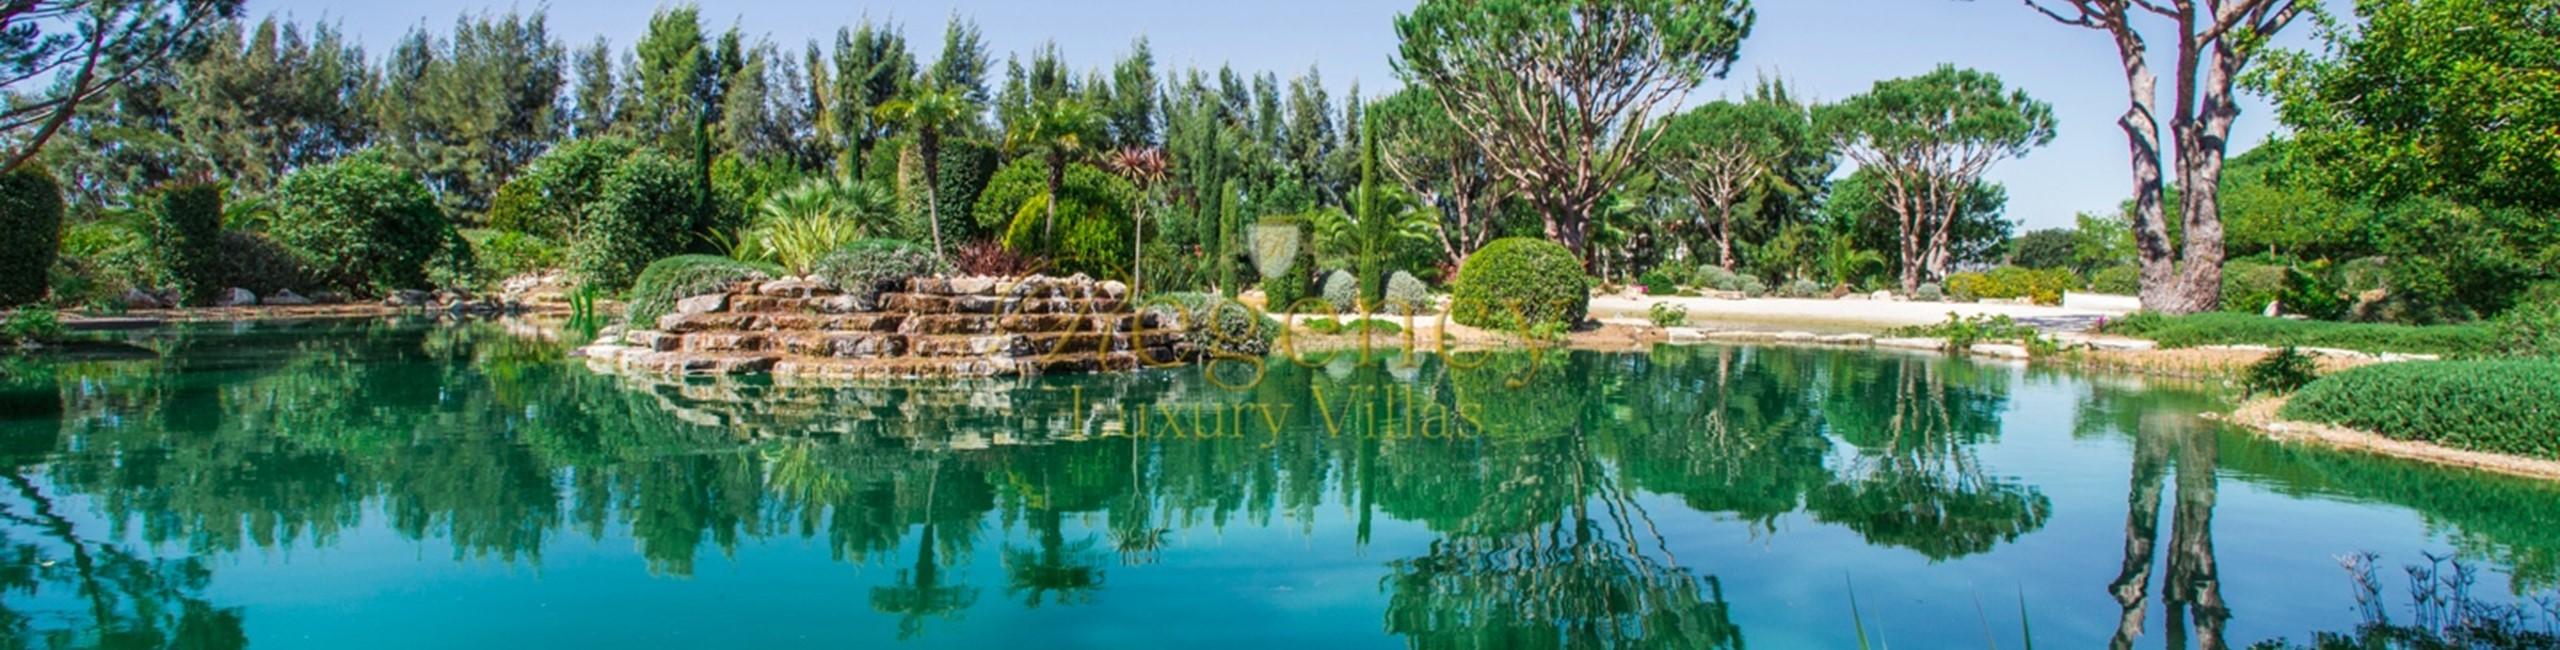 Maison A Louer A Quinta Do Lago